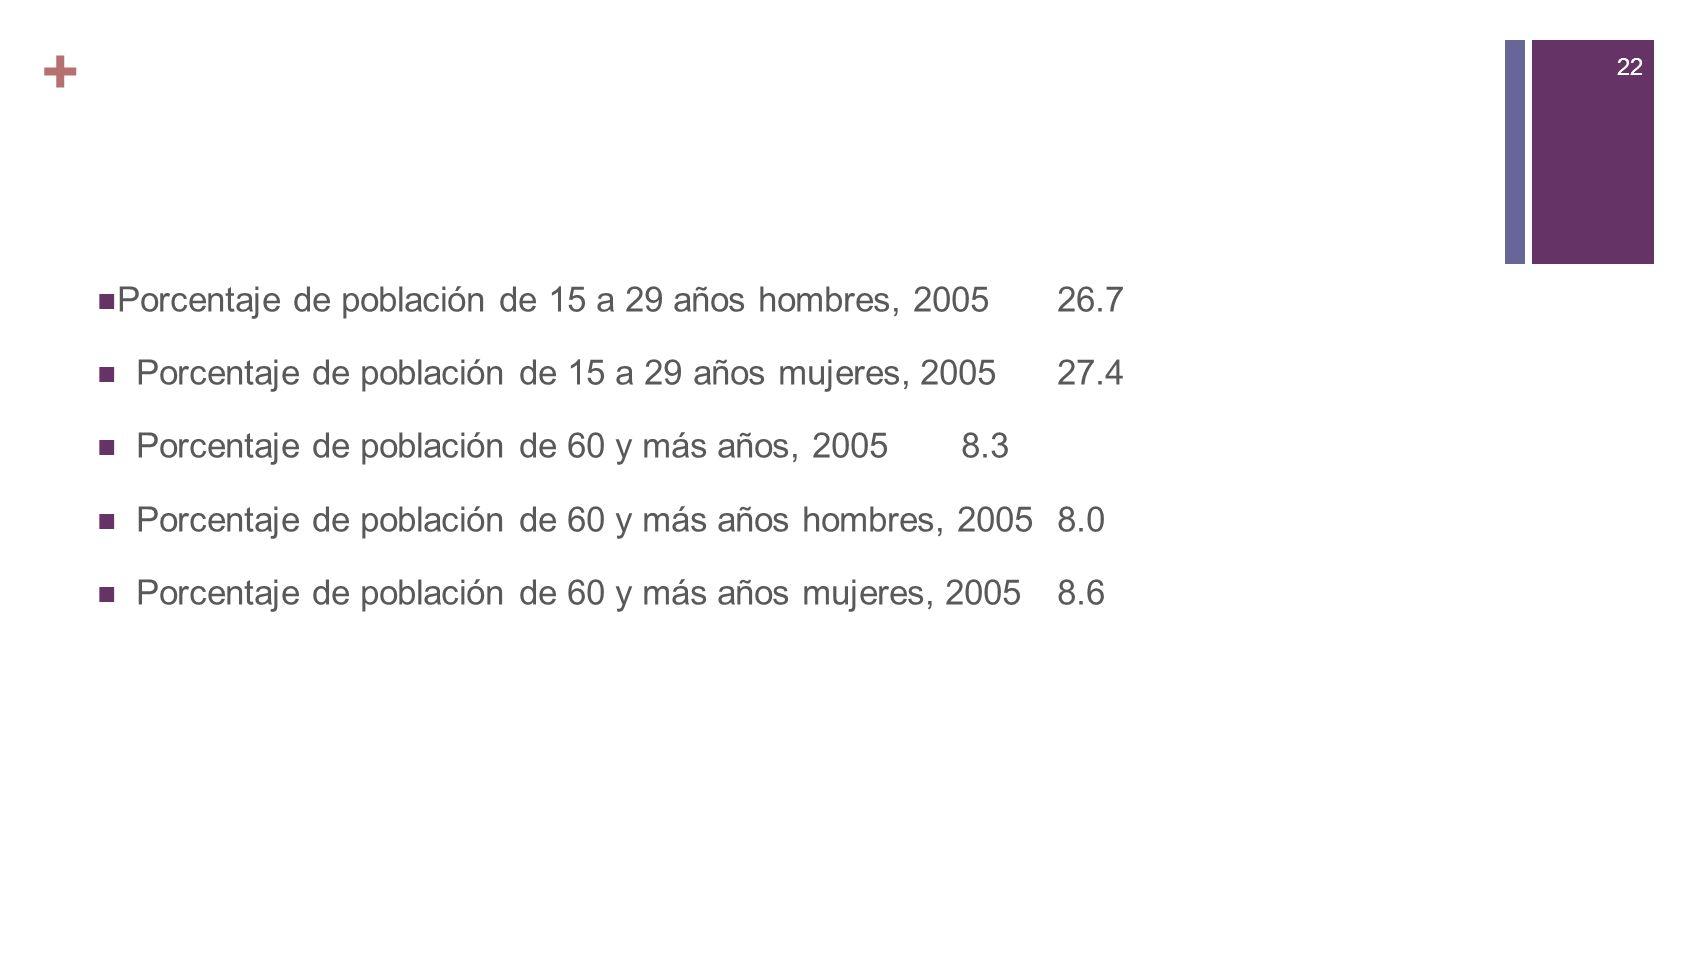 22 + Porcentaje de población de 15 a 29 años hombres, 200526.7 Porcentaje de población de 15 a 29 años mujeres, 200527.4 Porcentaje de población de 60 y más años, 20058.3 Porcentaje de población de 60 y más años hombres, 20058.0 Porcentaje de población de 60 y más años mujeres, 20058.6